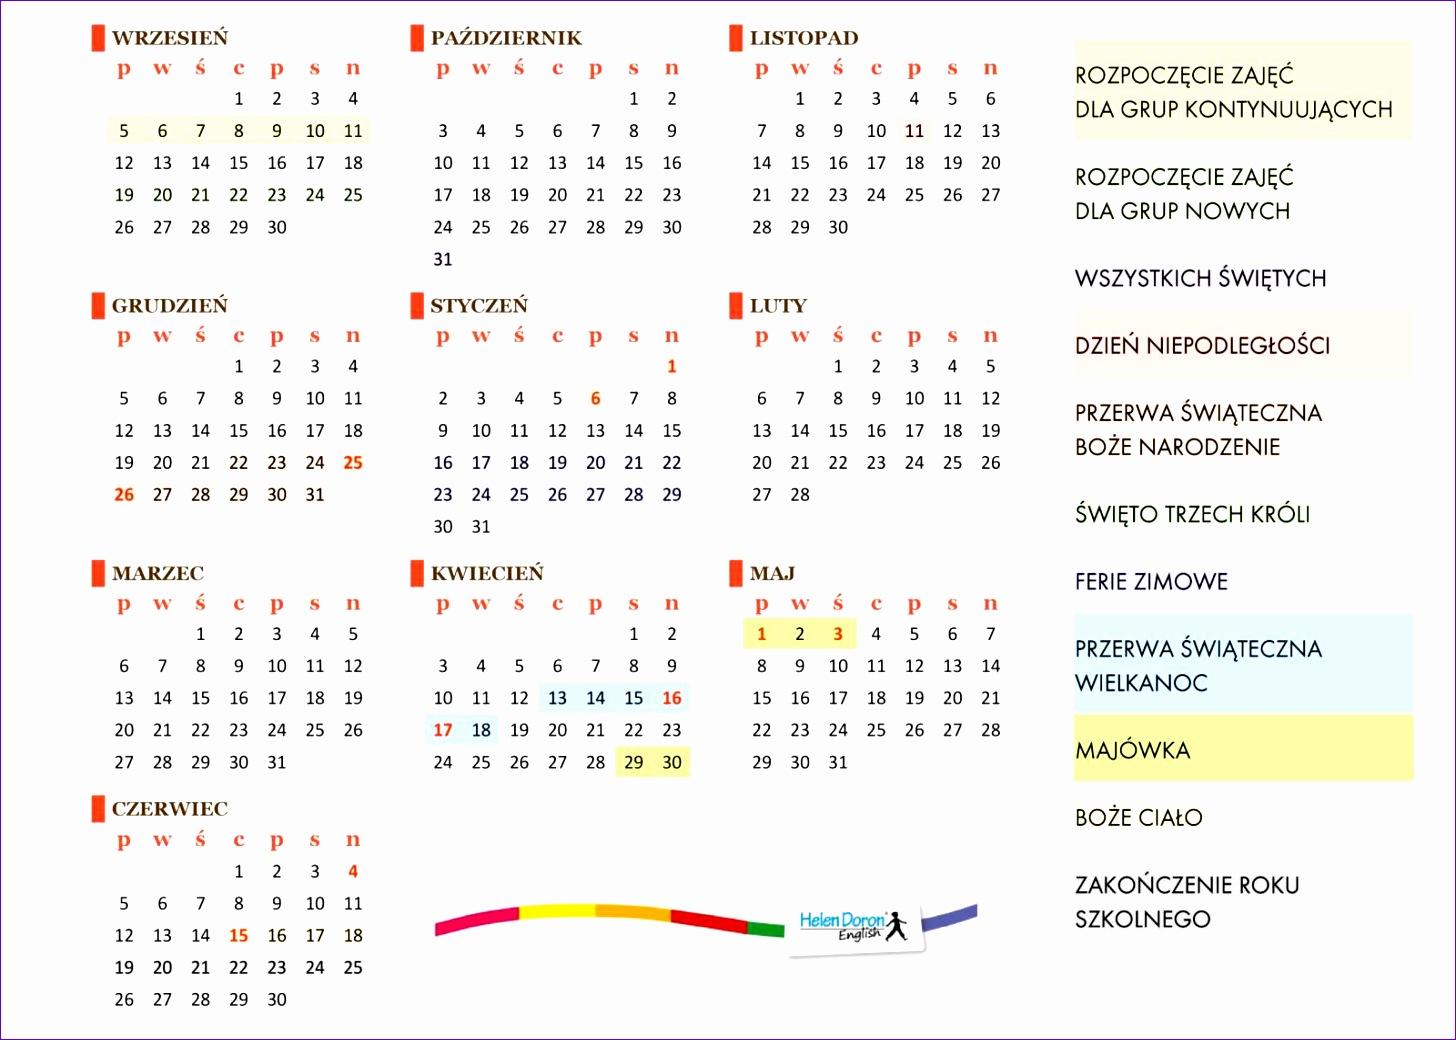 kalendarz excel 2016 14561040